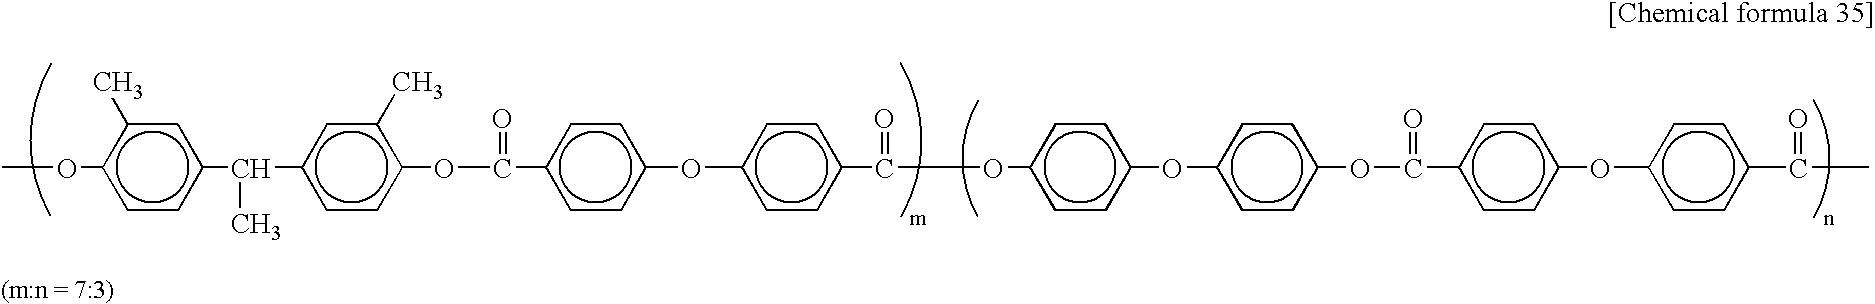 Figure US07604913-20091020-C00027